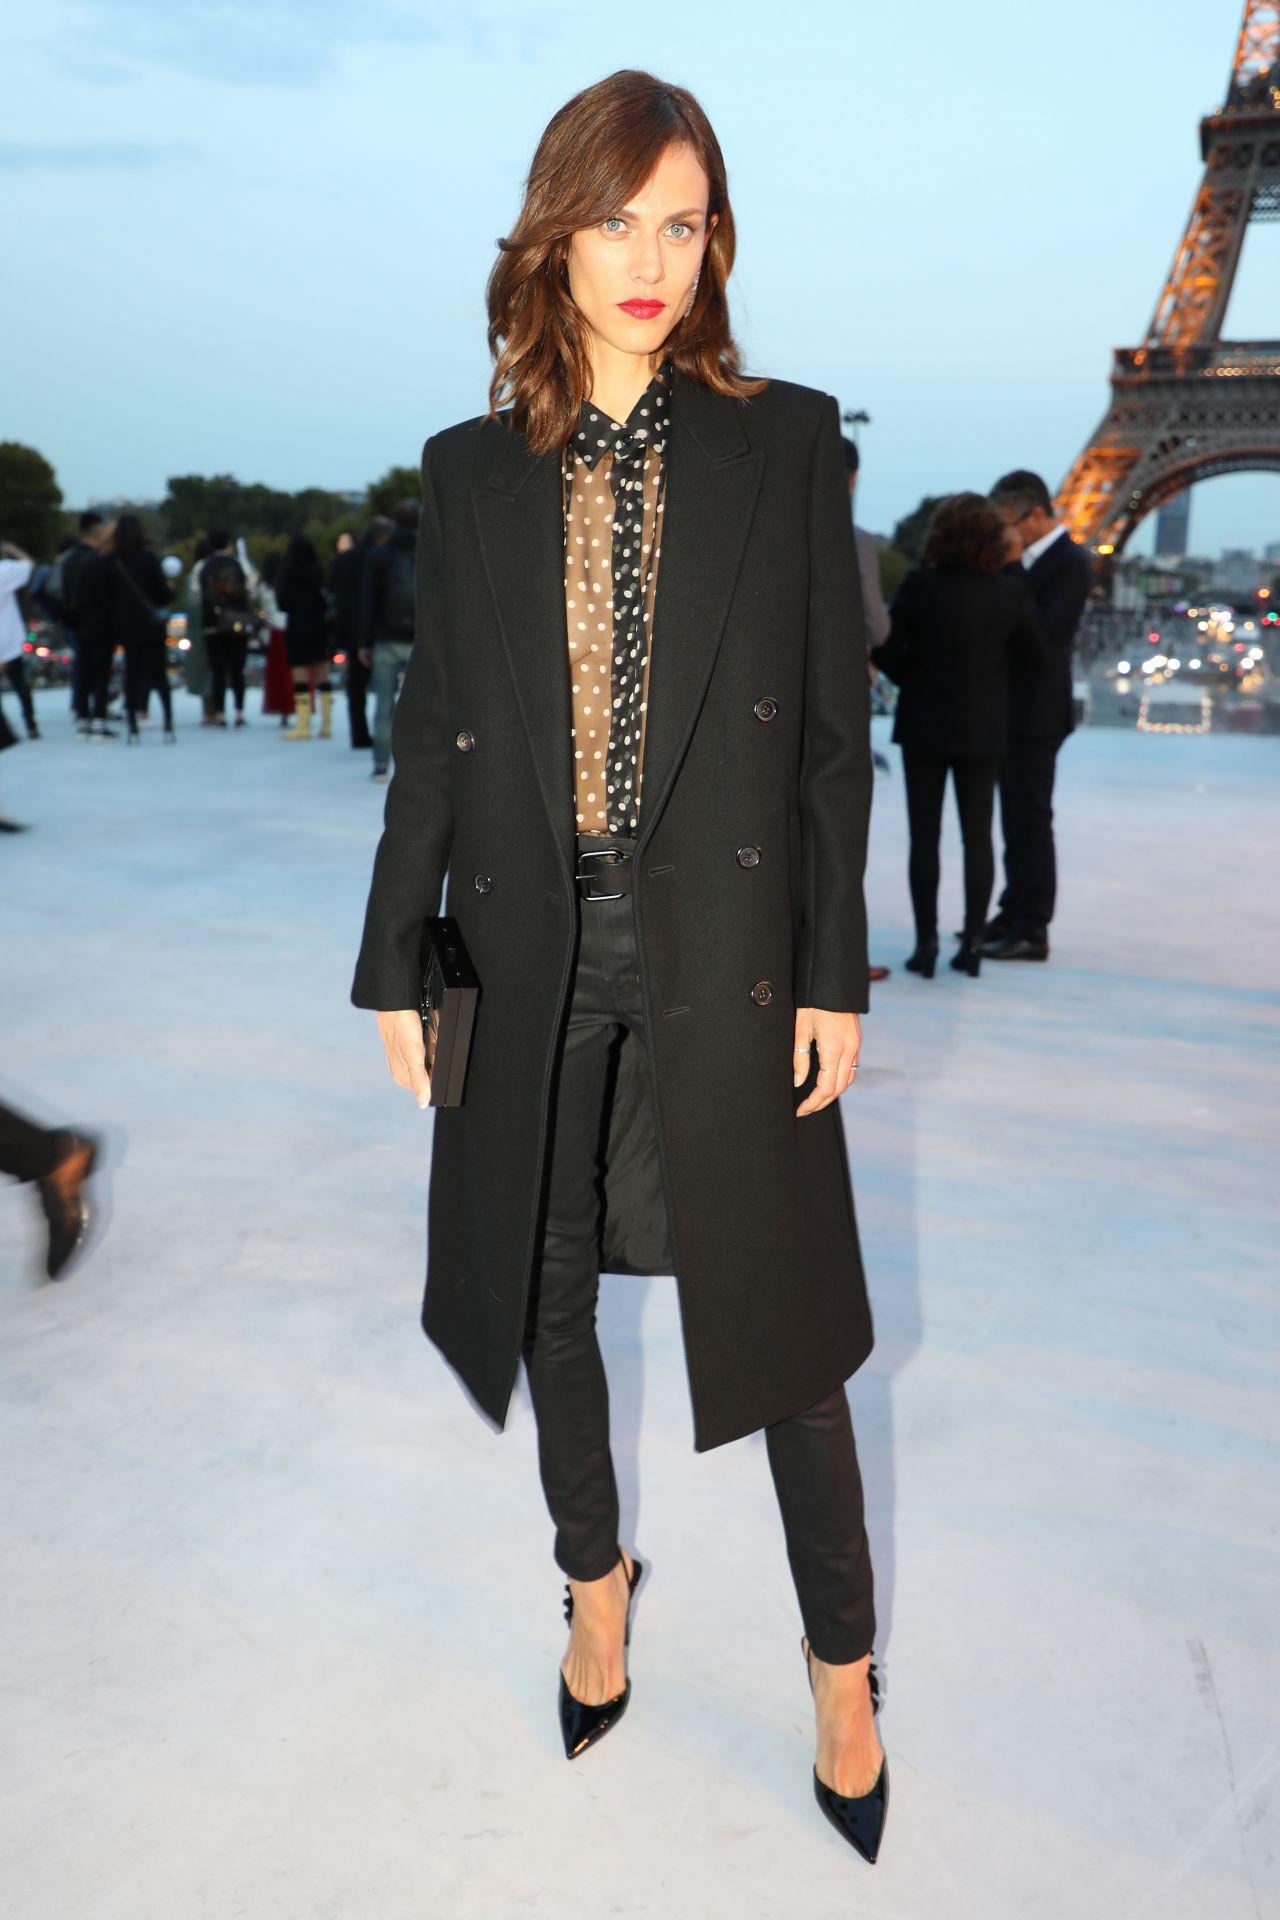 Saint Laurent Fashion Show In Paris 09